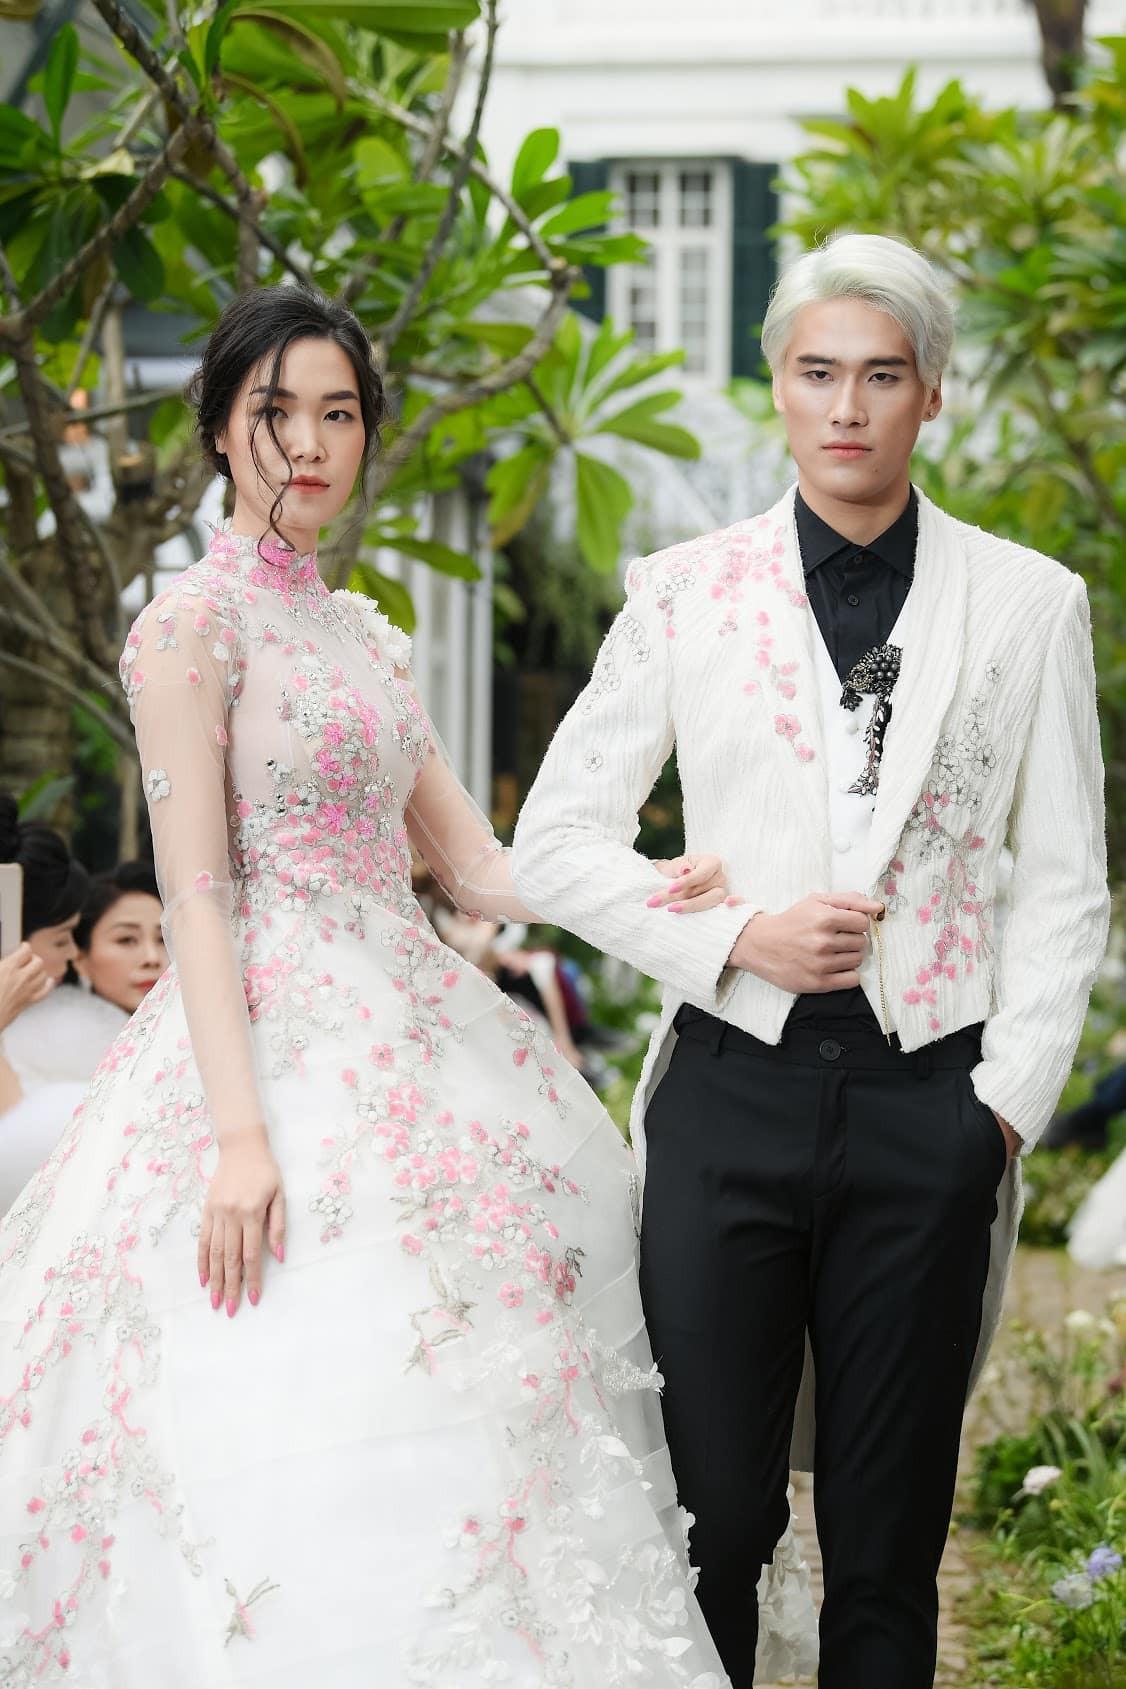 Tiểu Vy, Lương Thuỳ Linh diện váy cắt xẻ táo bạo khoe đường cong đẹp mắt ảnh 8